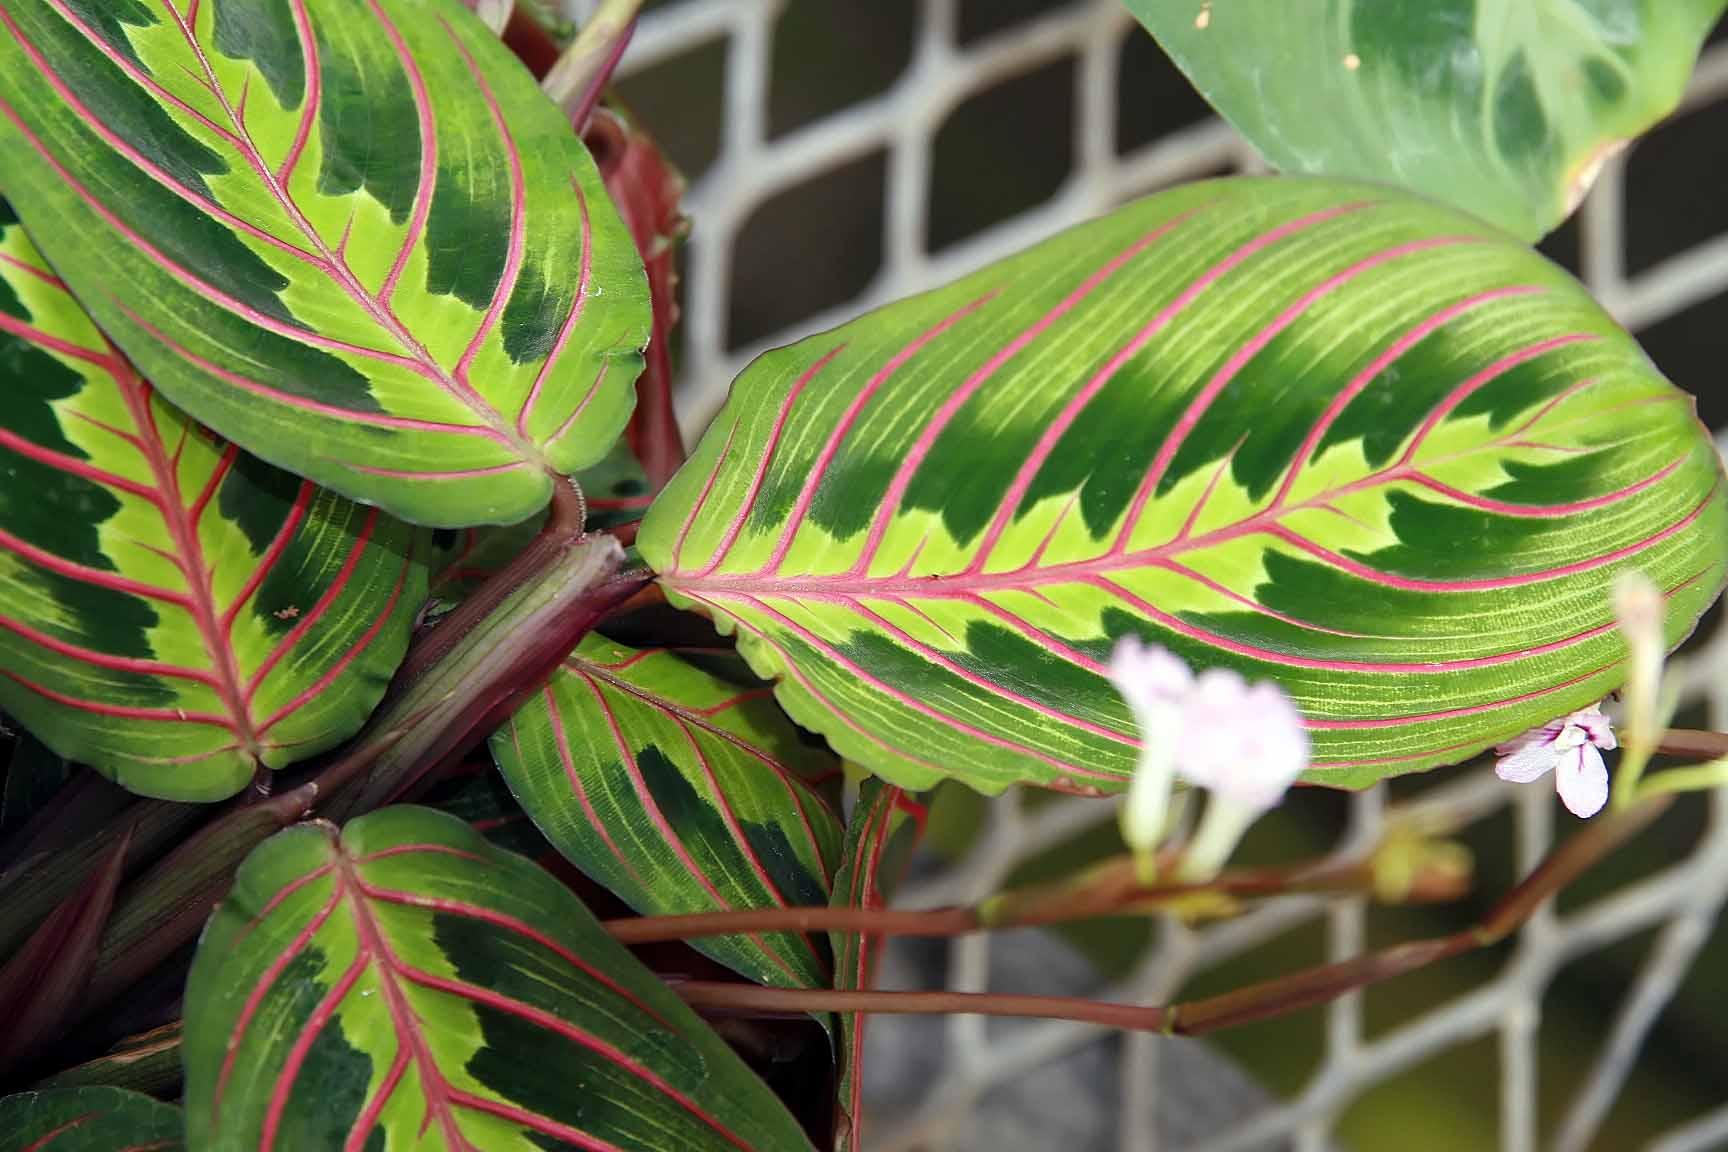 File:Maranta leuconeura 2zz.jpg - Wikimedia Commons